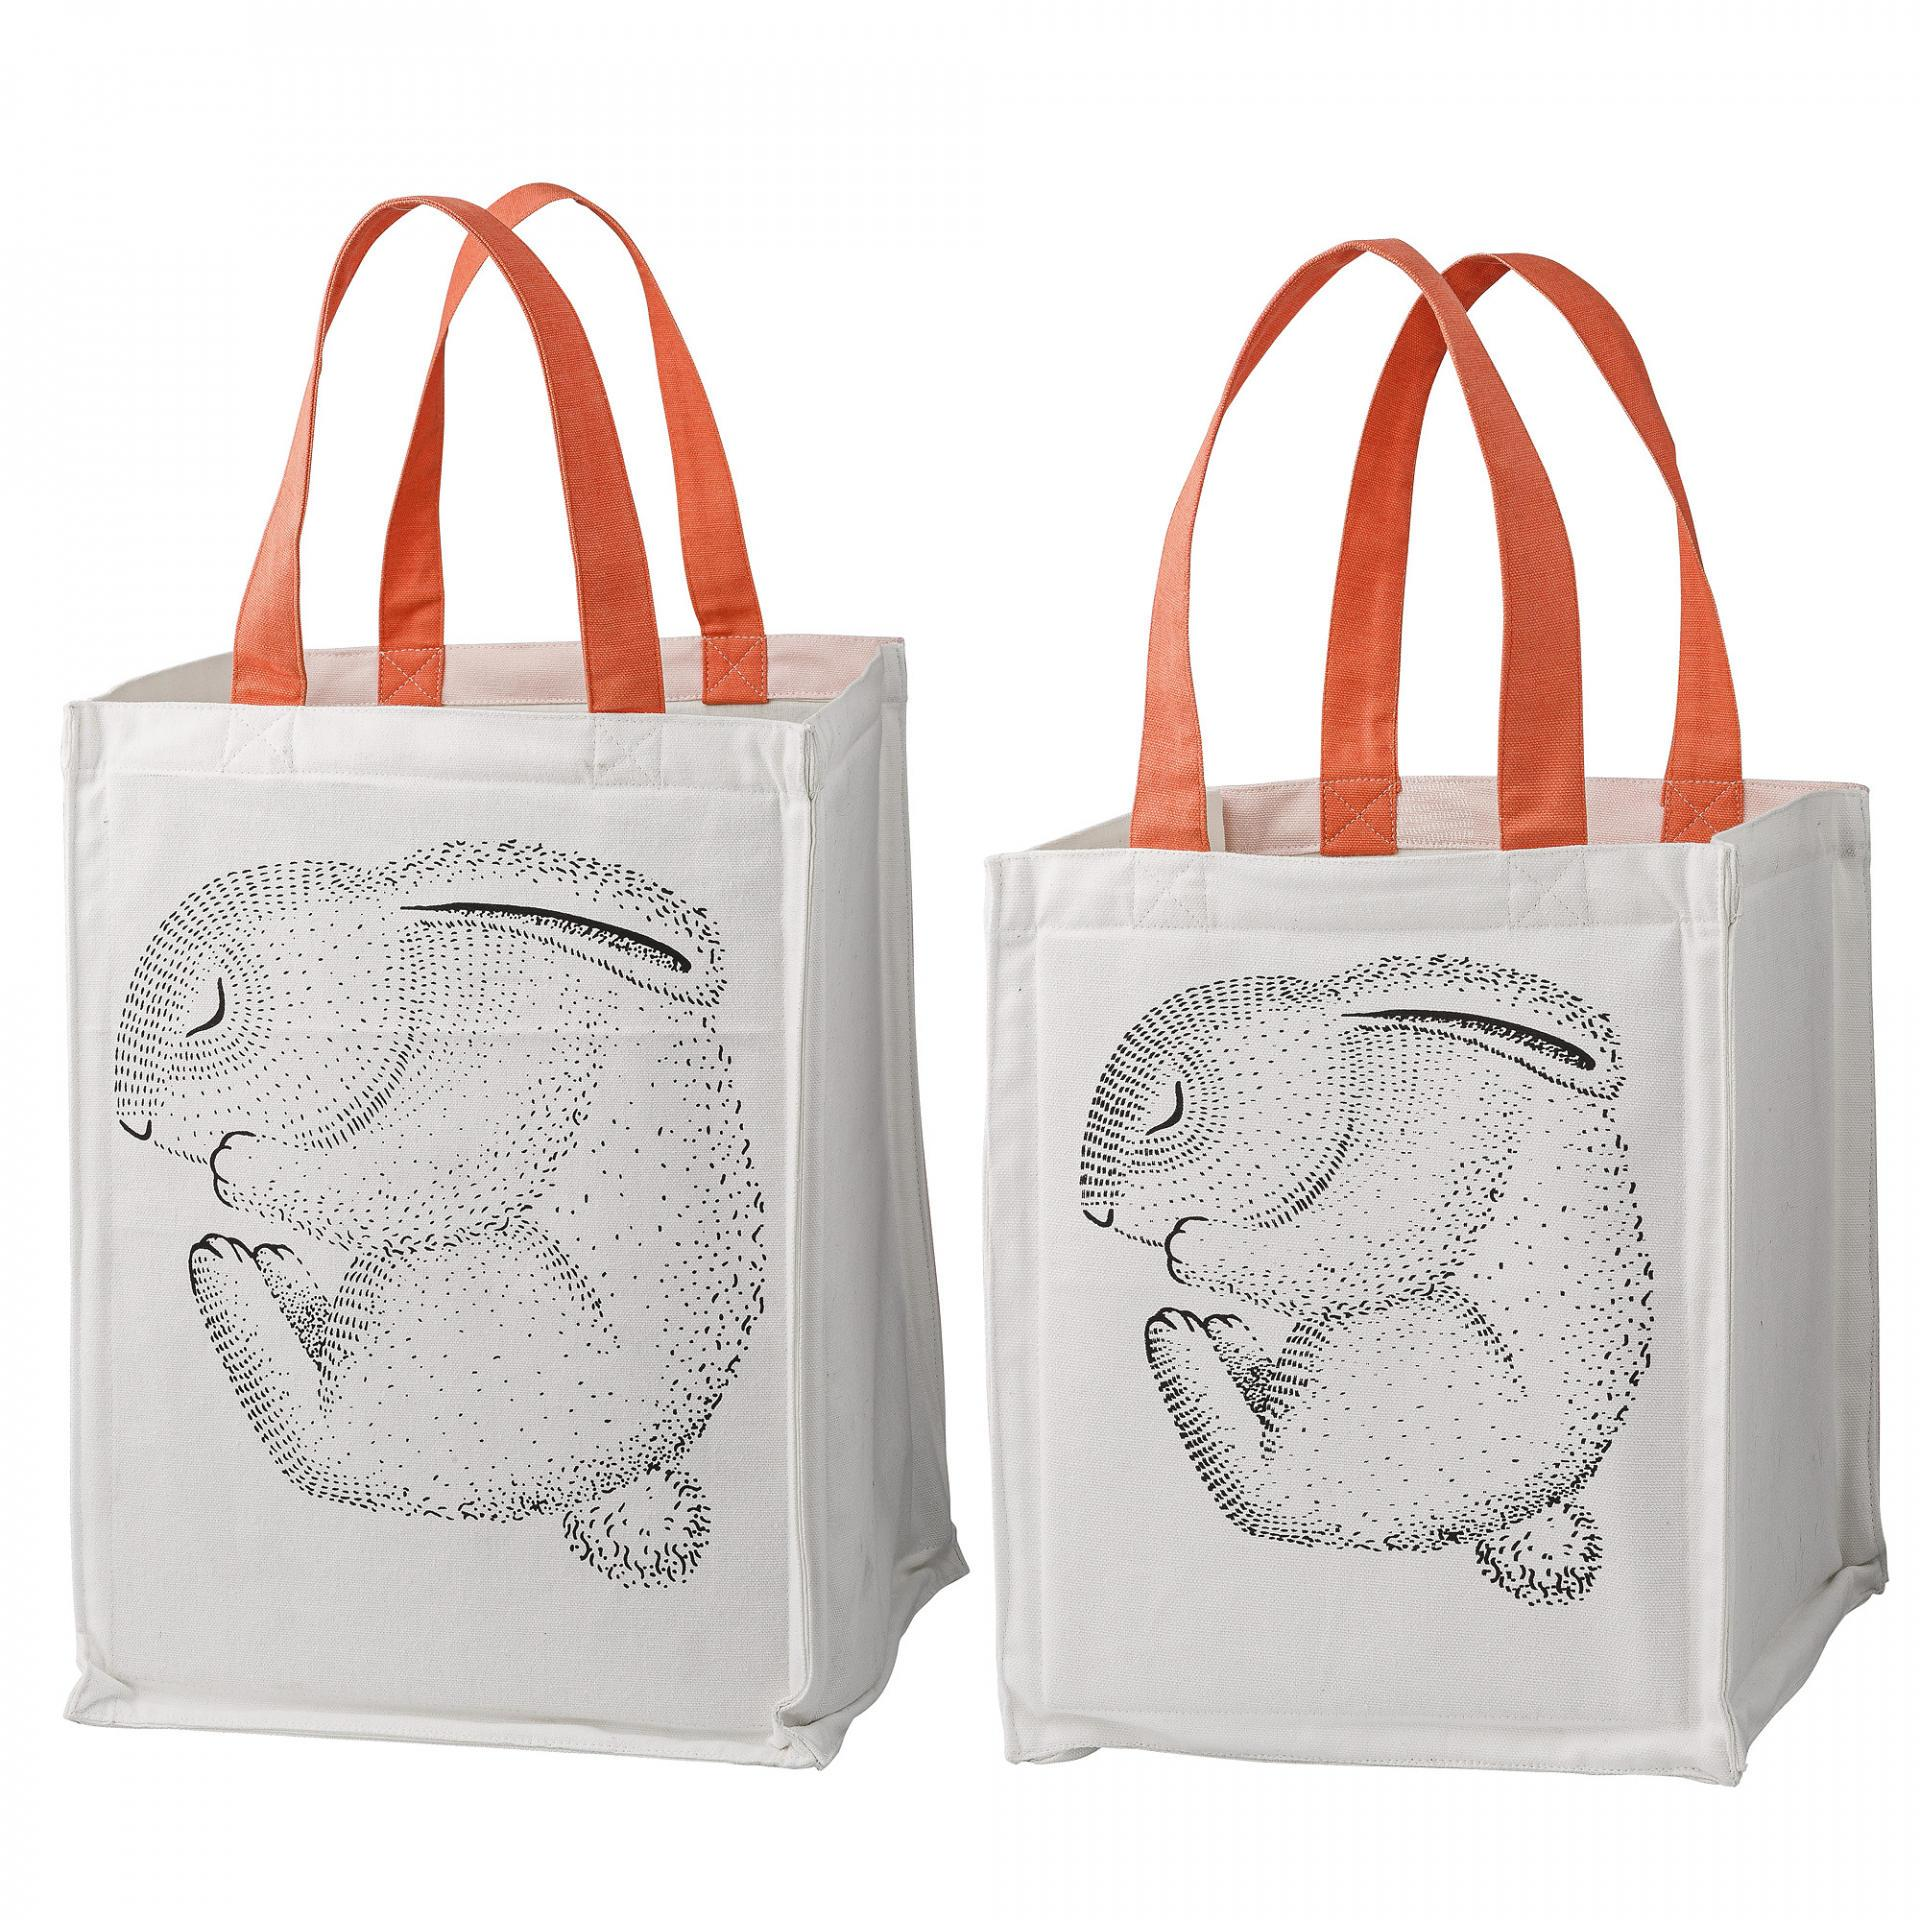 Bloomingville Úložný textilní box pro děti Rabbit Menší, oranžová barva, bílá barva, textil